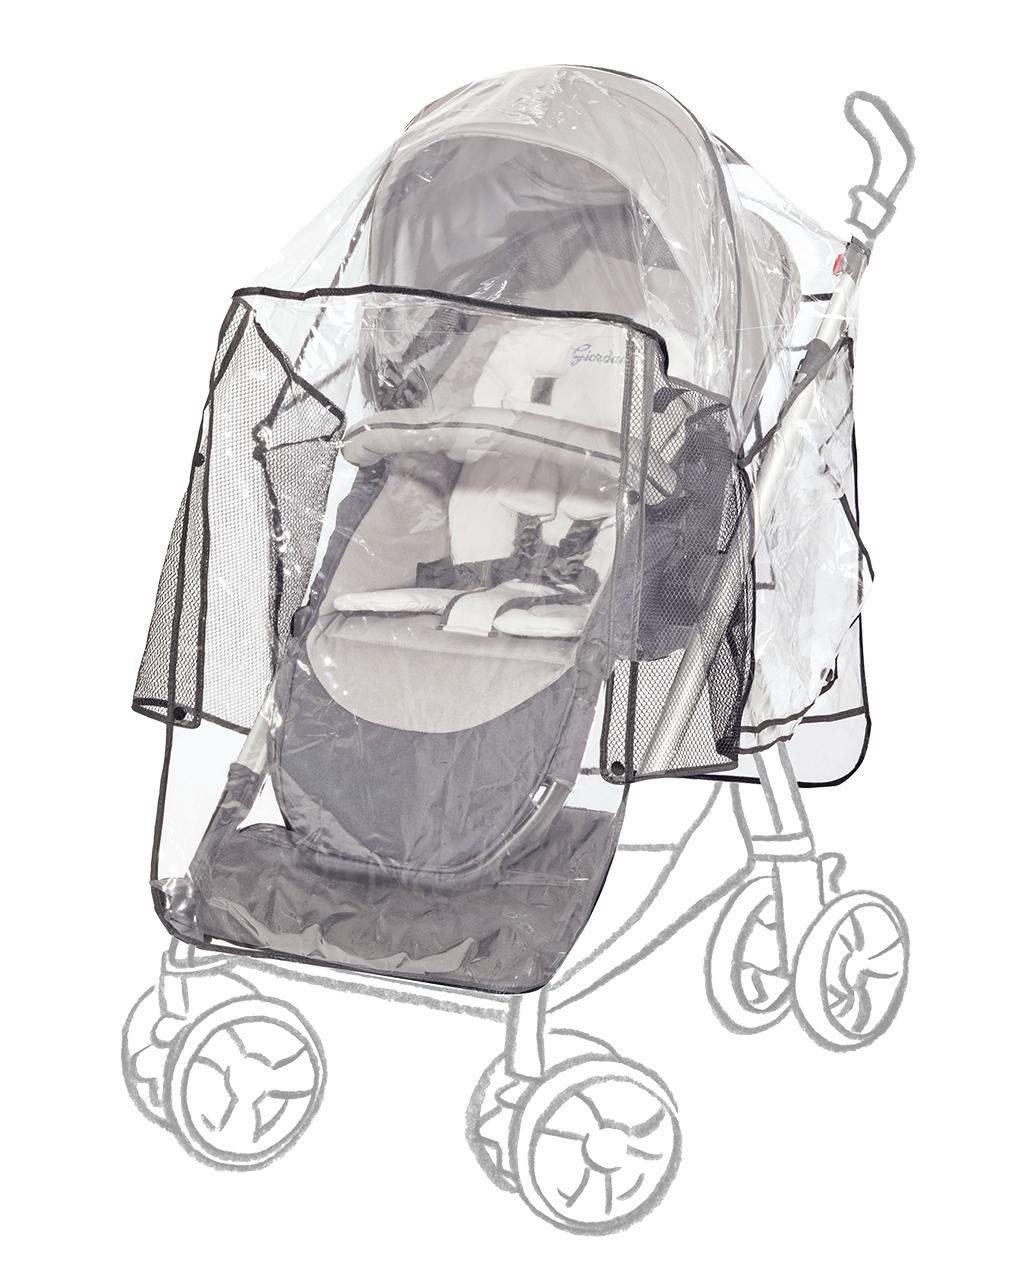 Capa de chuva universal para carrinho de criança de luxo - Giordani